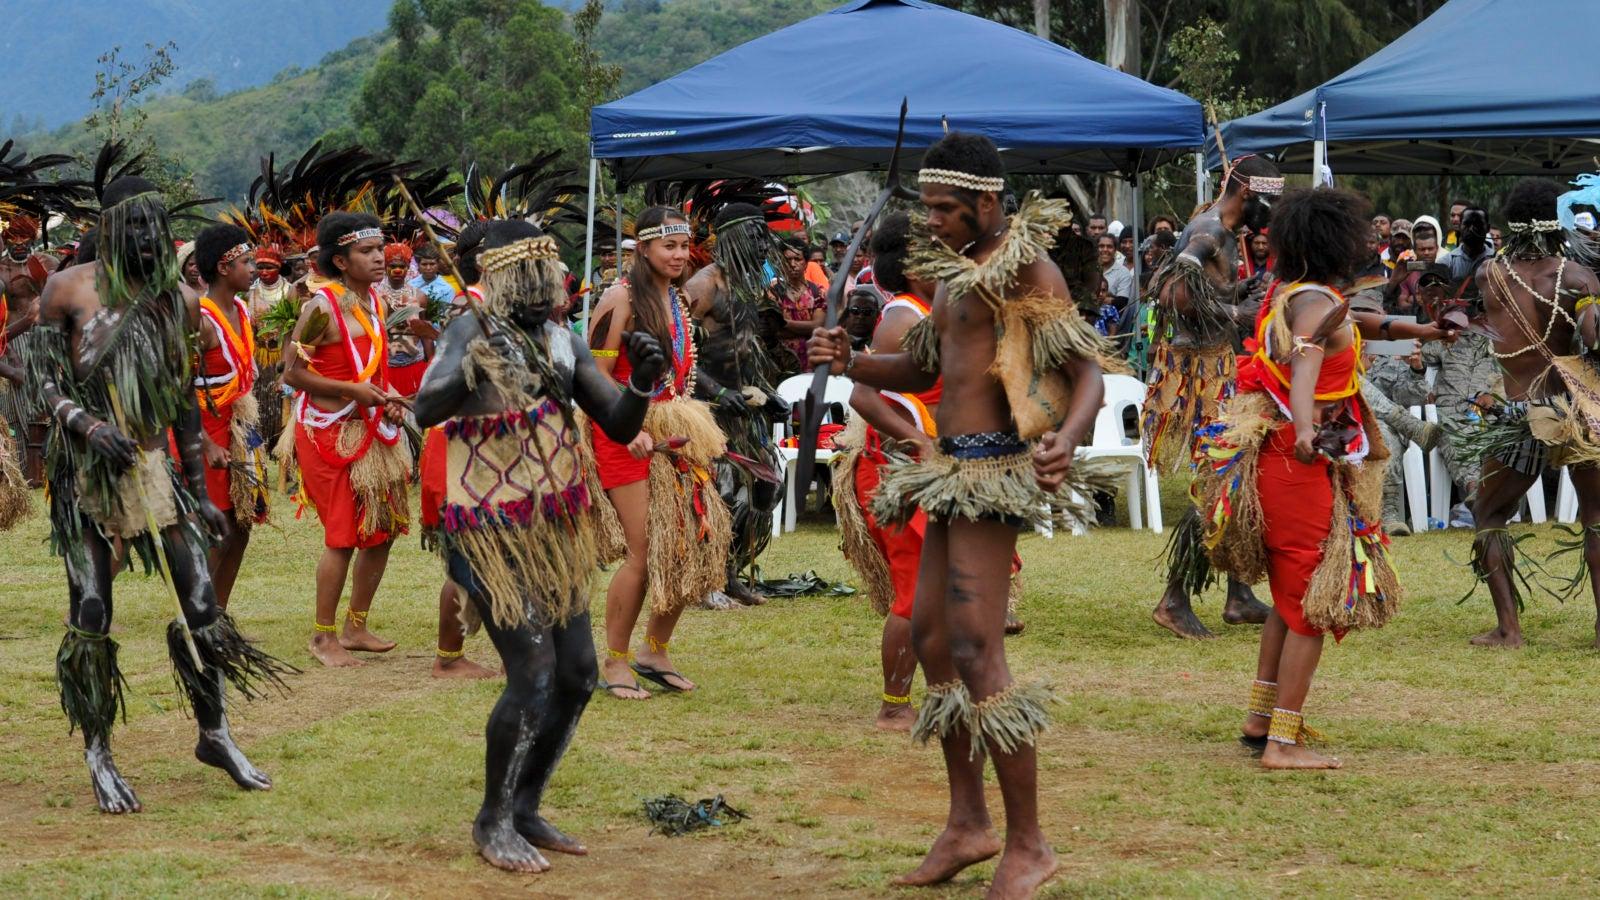 Men and women dancing in Papua New Guinea